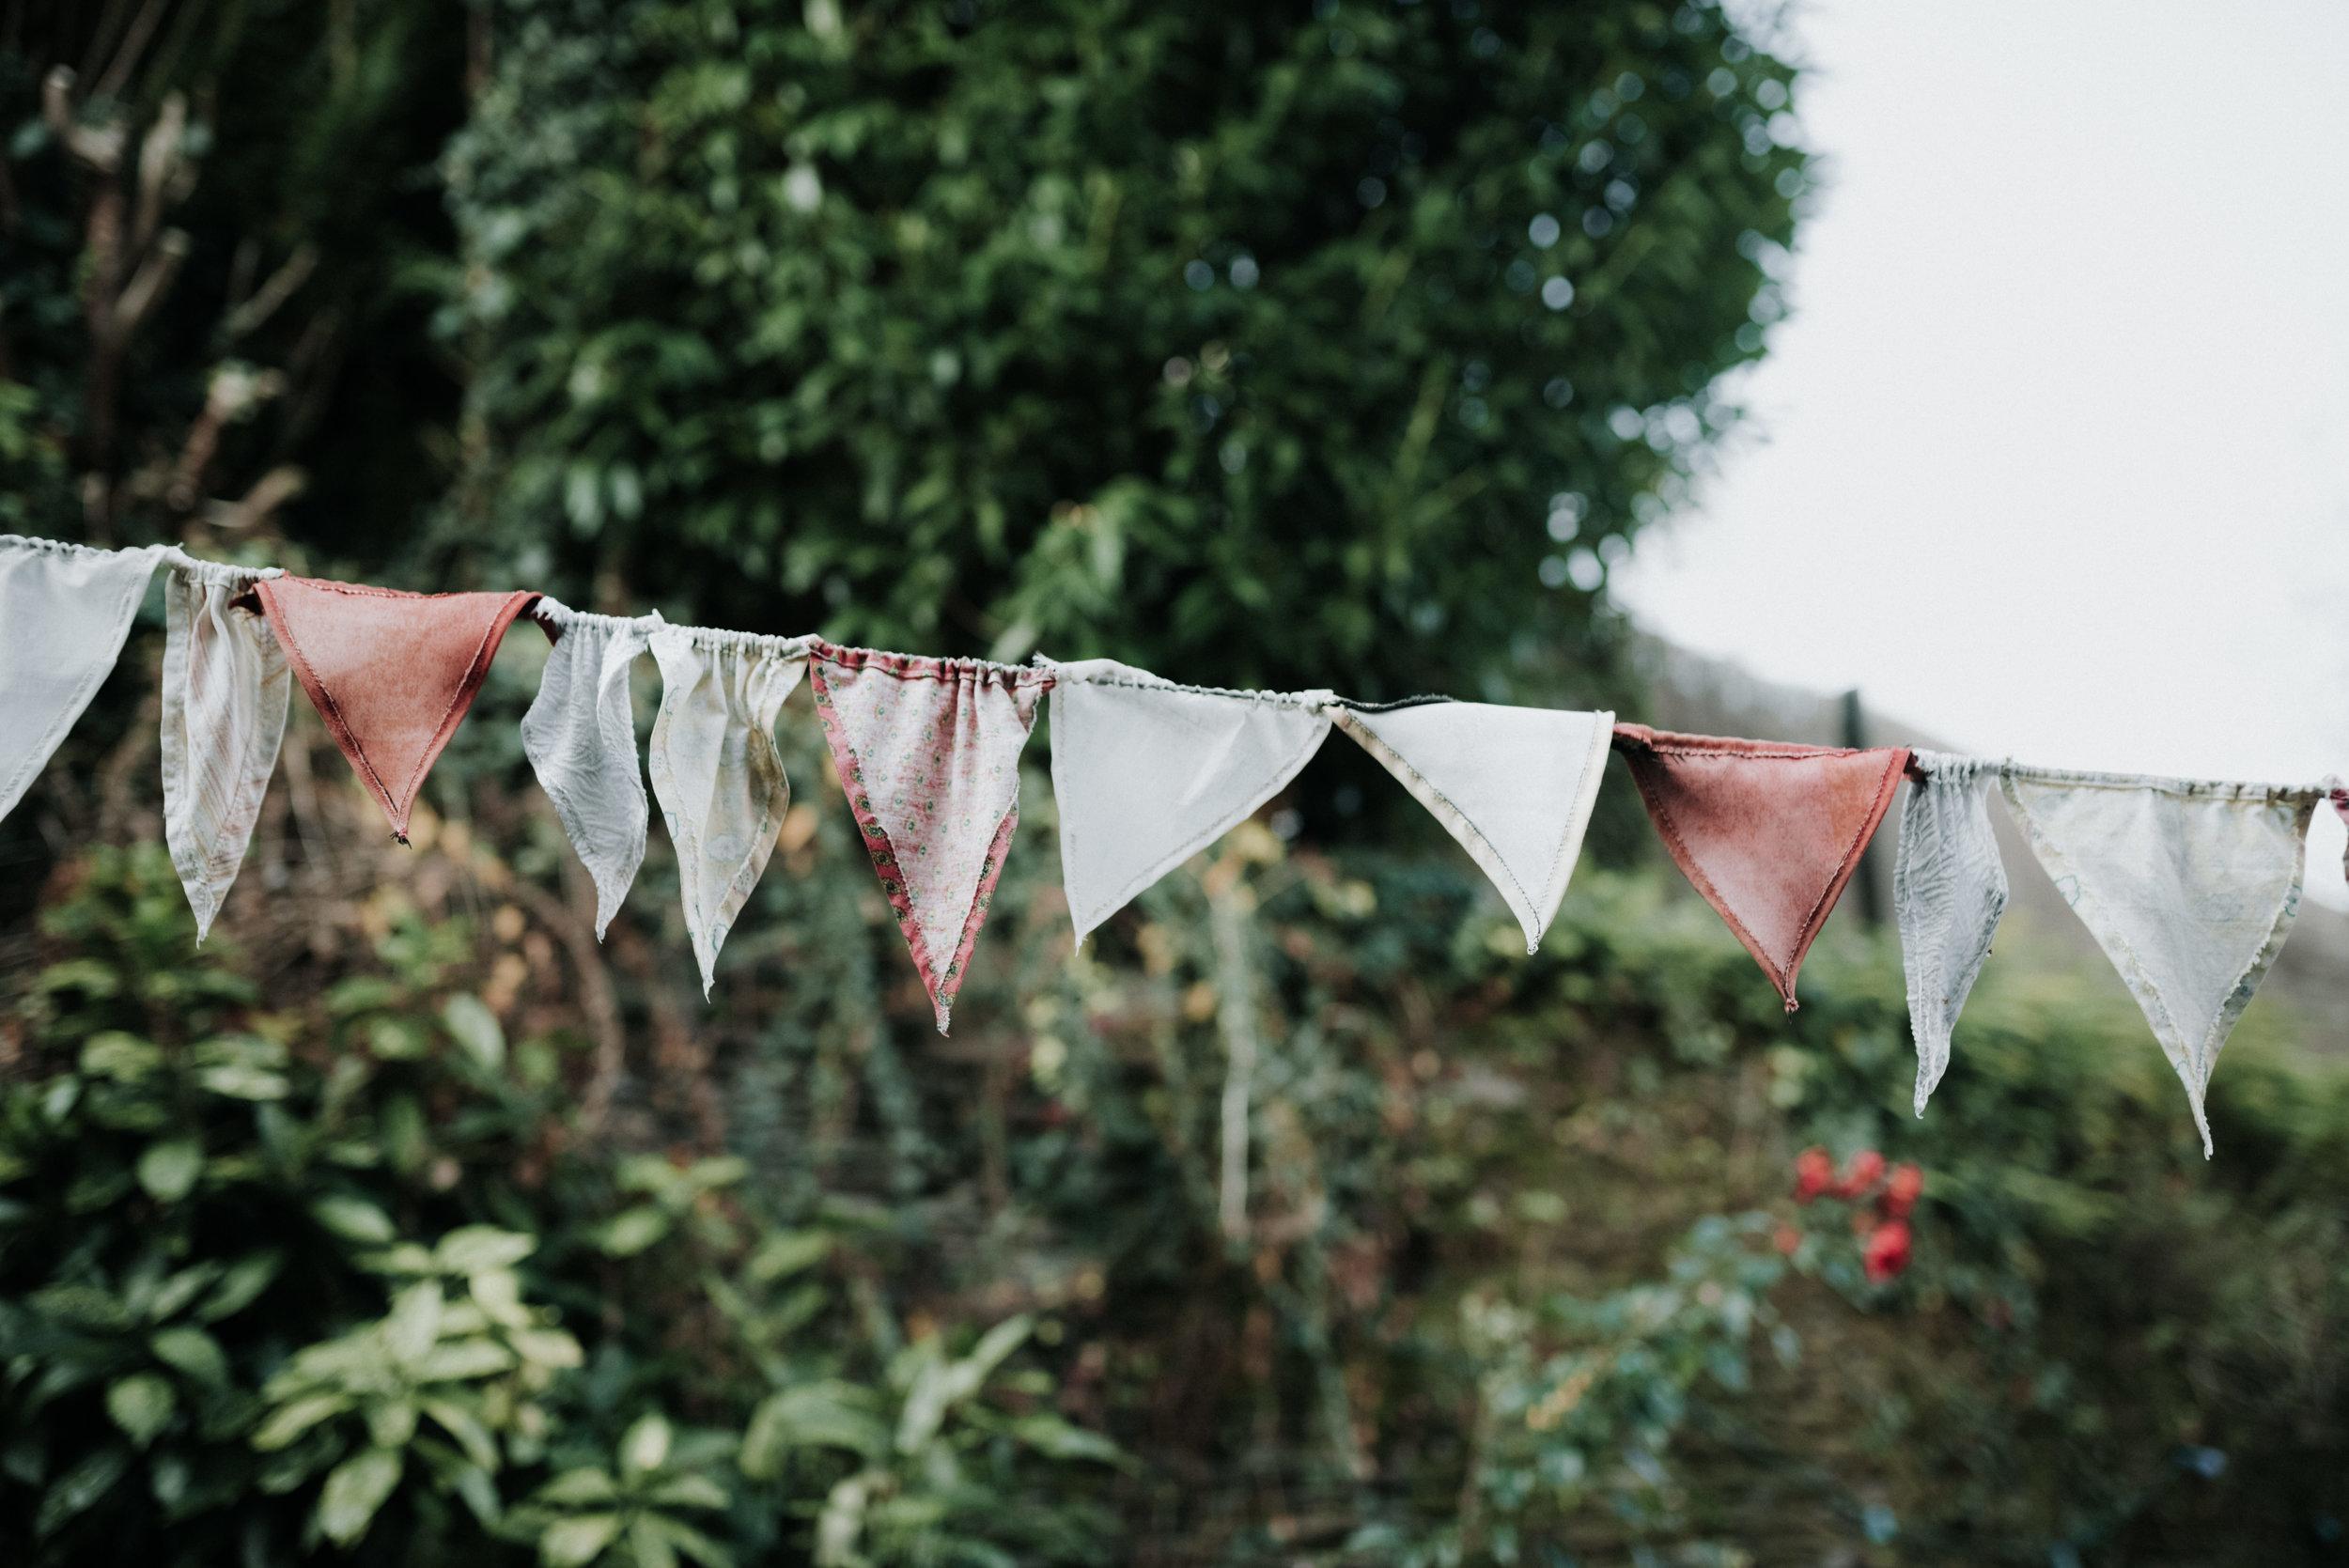 Léa-Fery-photographe-professionnel-lyon-rhone-alpes-portrait-creation-mariage-evenement-evenementiel-famille-4630.jpg